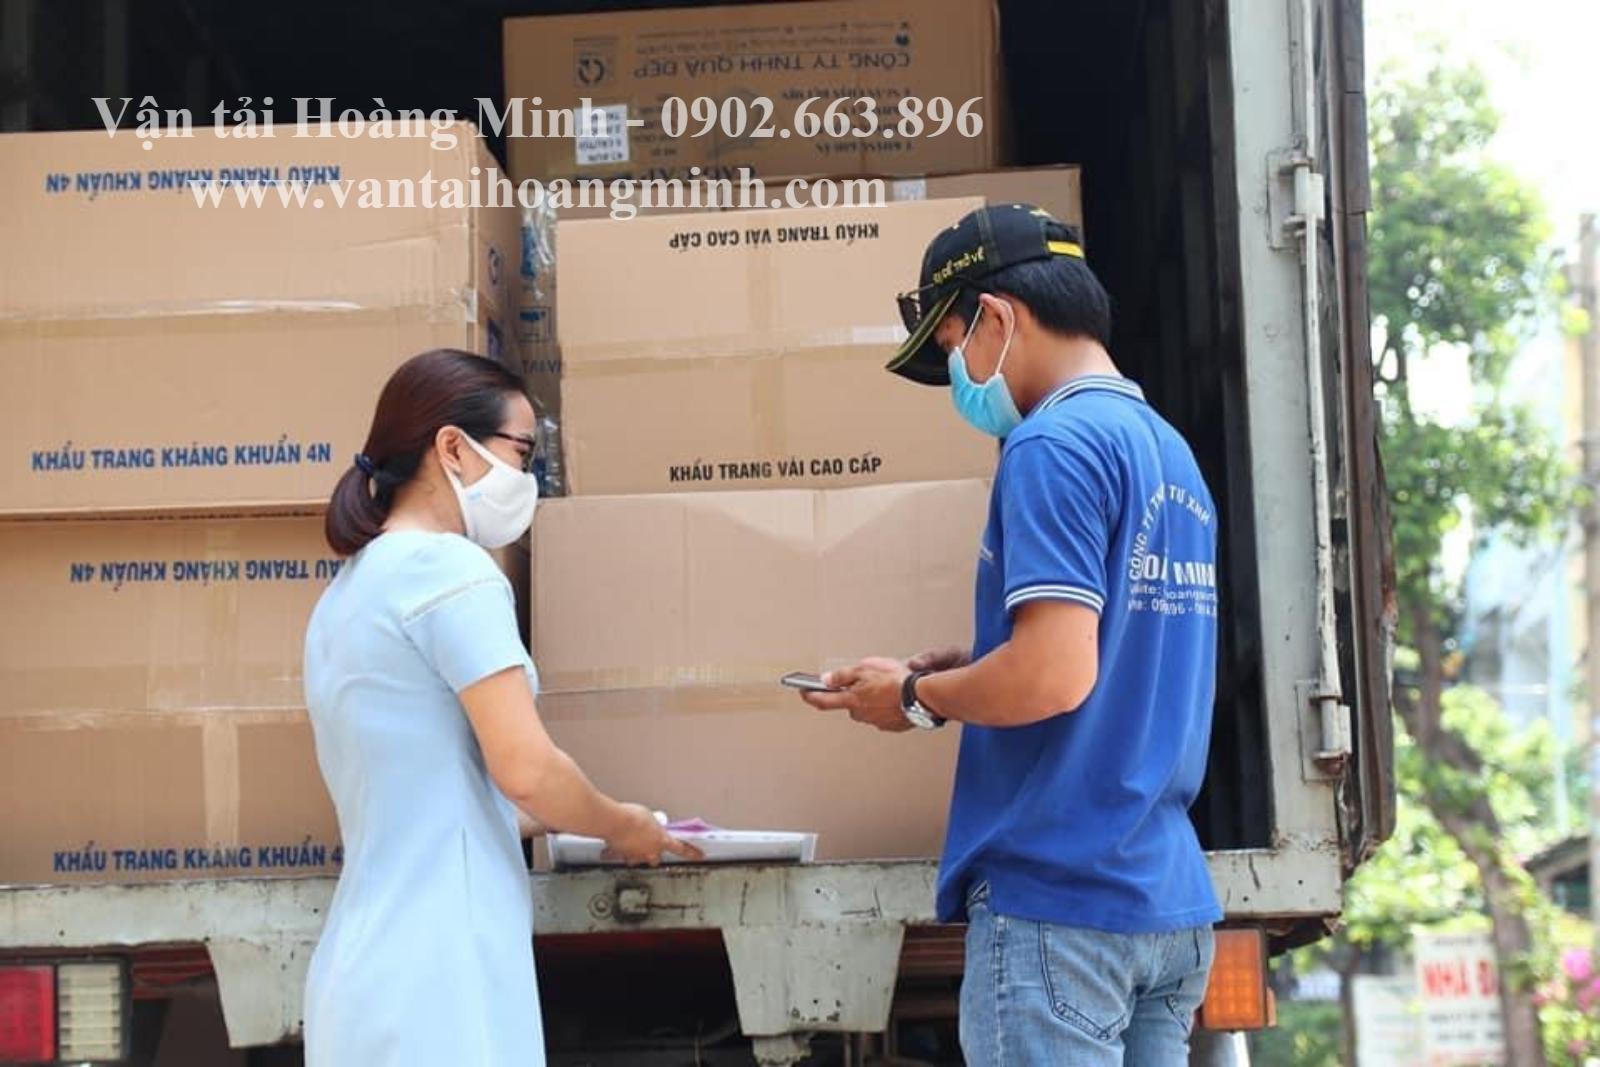 xe tải nhỏ chở hàng chuyên nghiệp